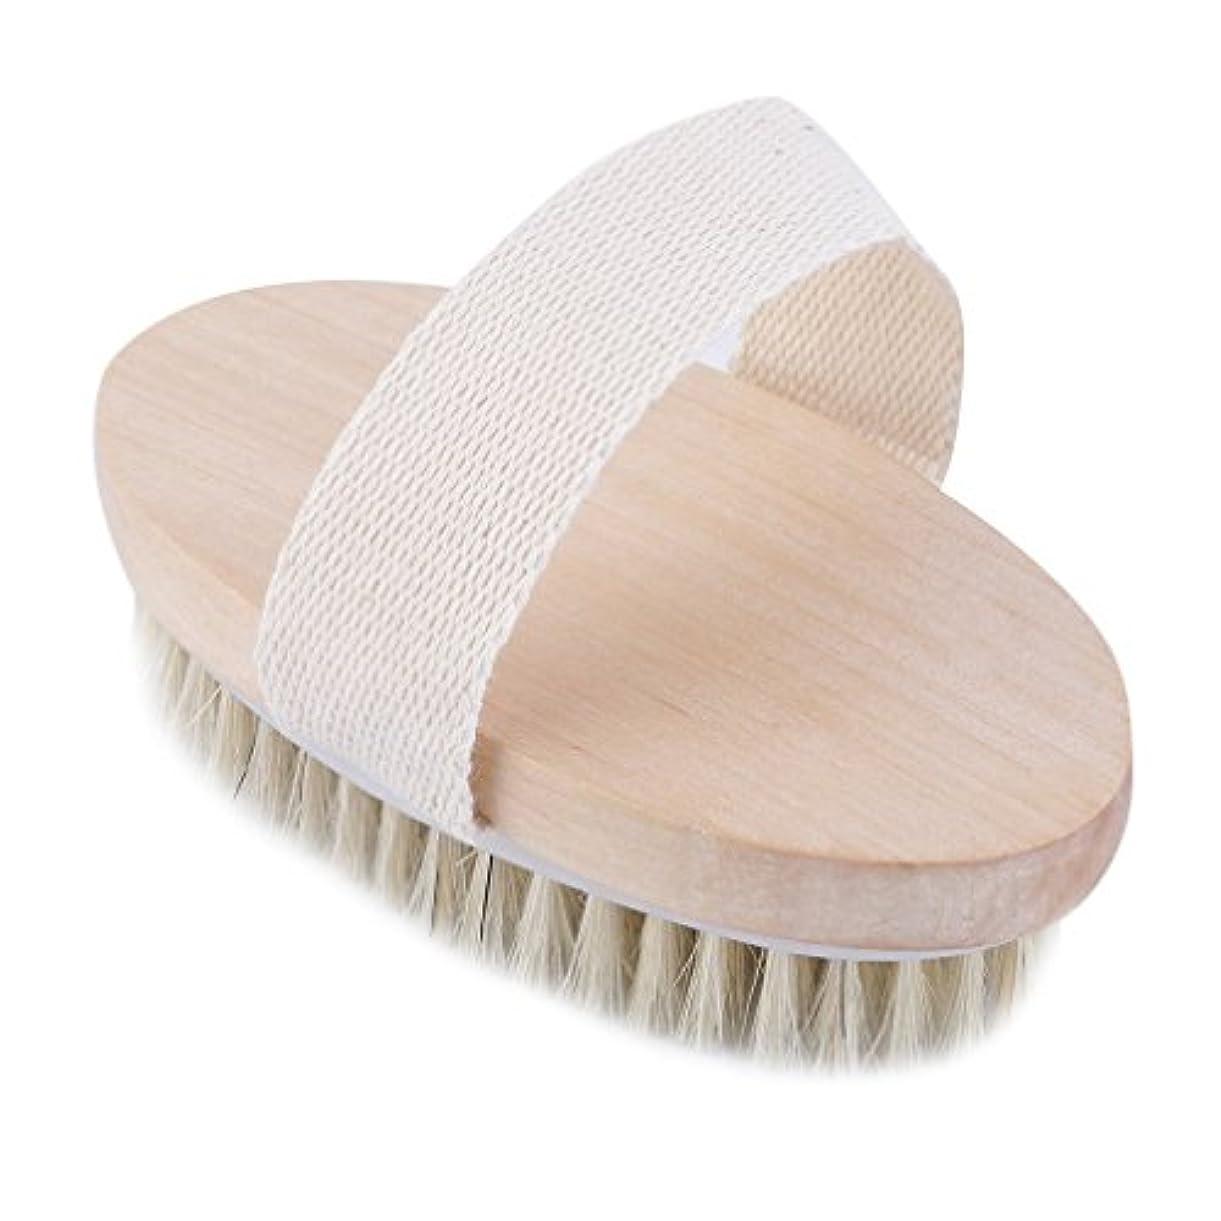 アトラスセンサー工業化するNerhaily 豚毛 天然素材 木製 短柄 ボディブラシ 足を洗う 角質除去 美肌 バス用品